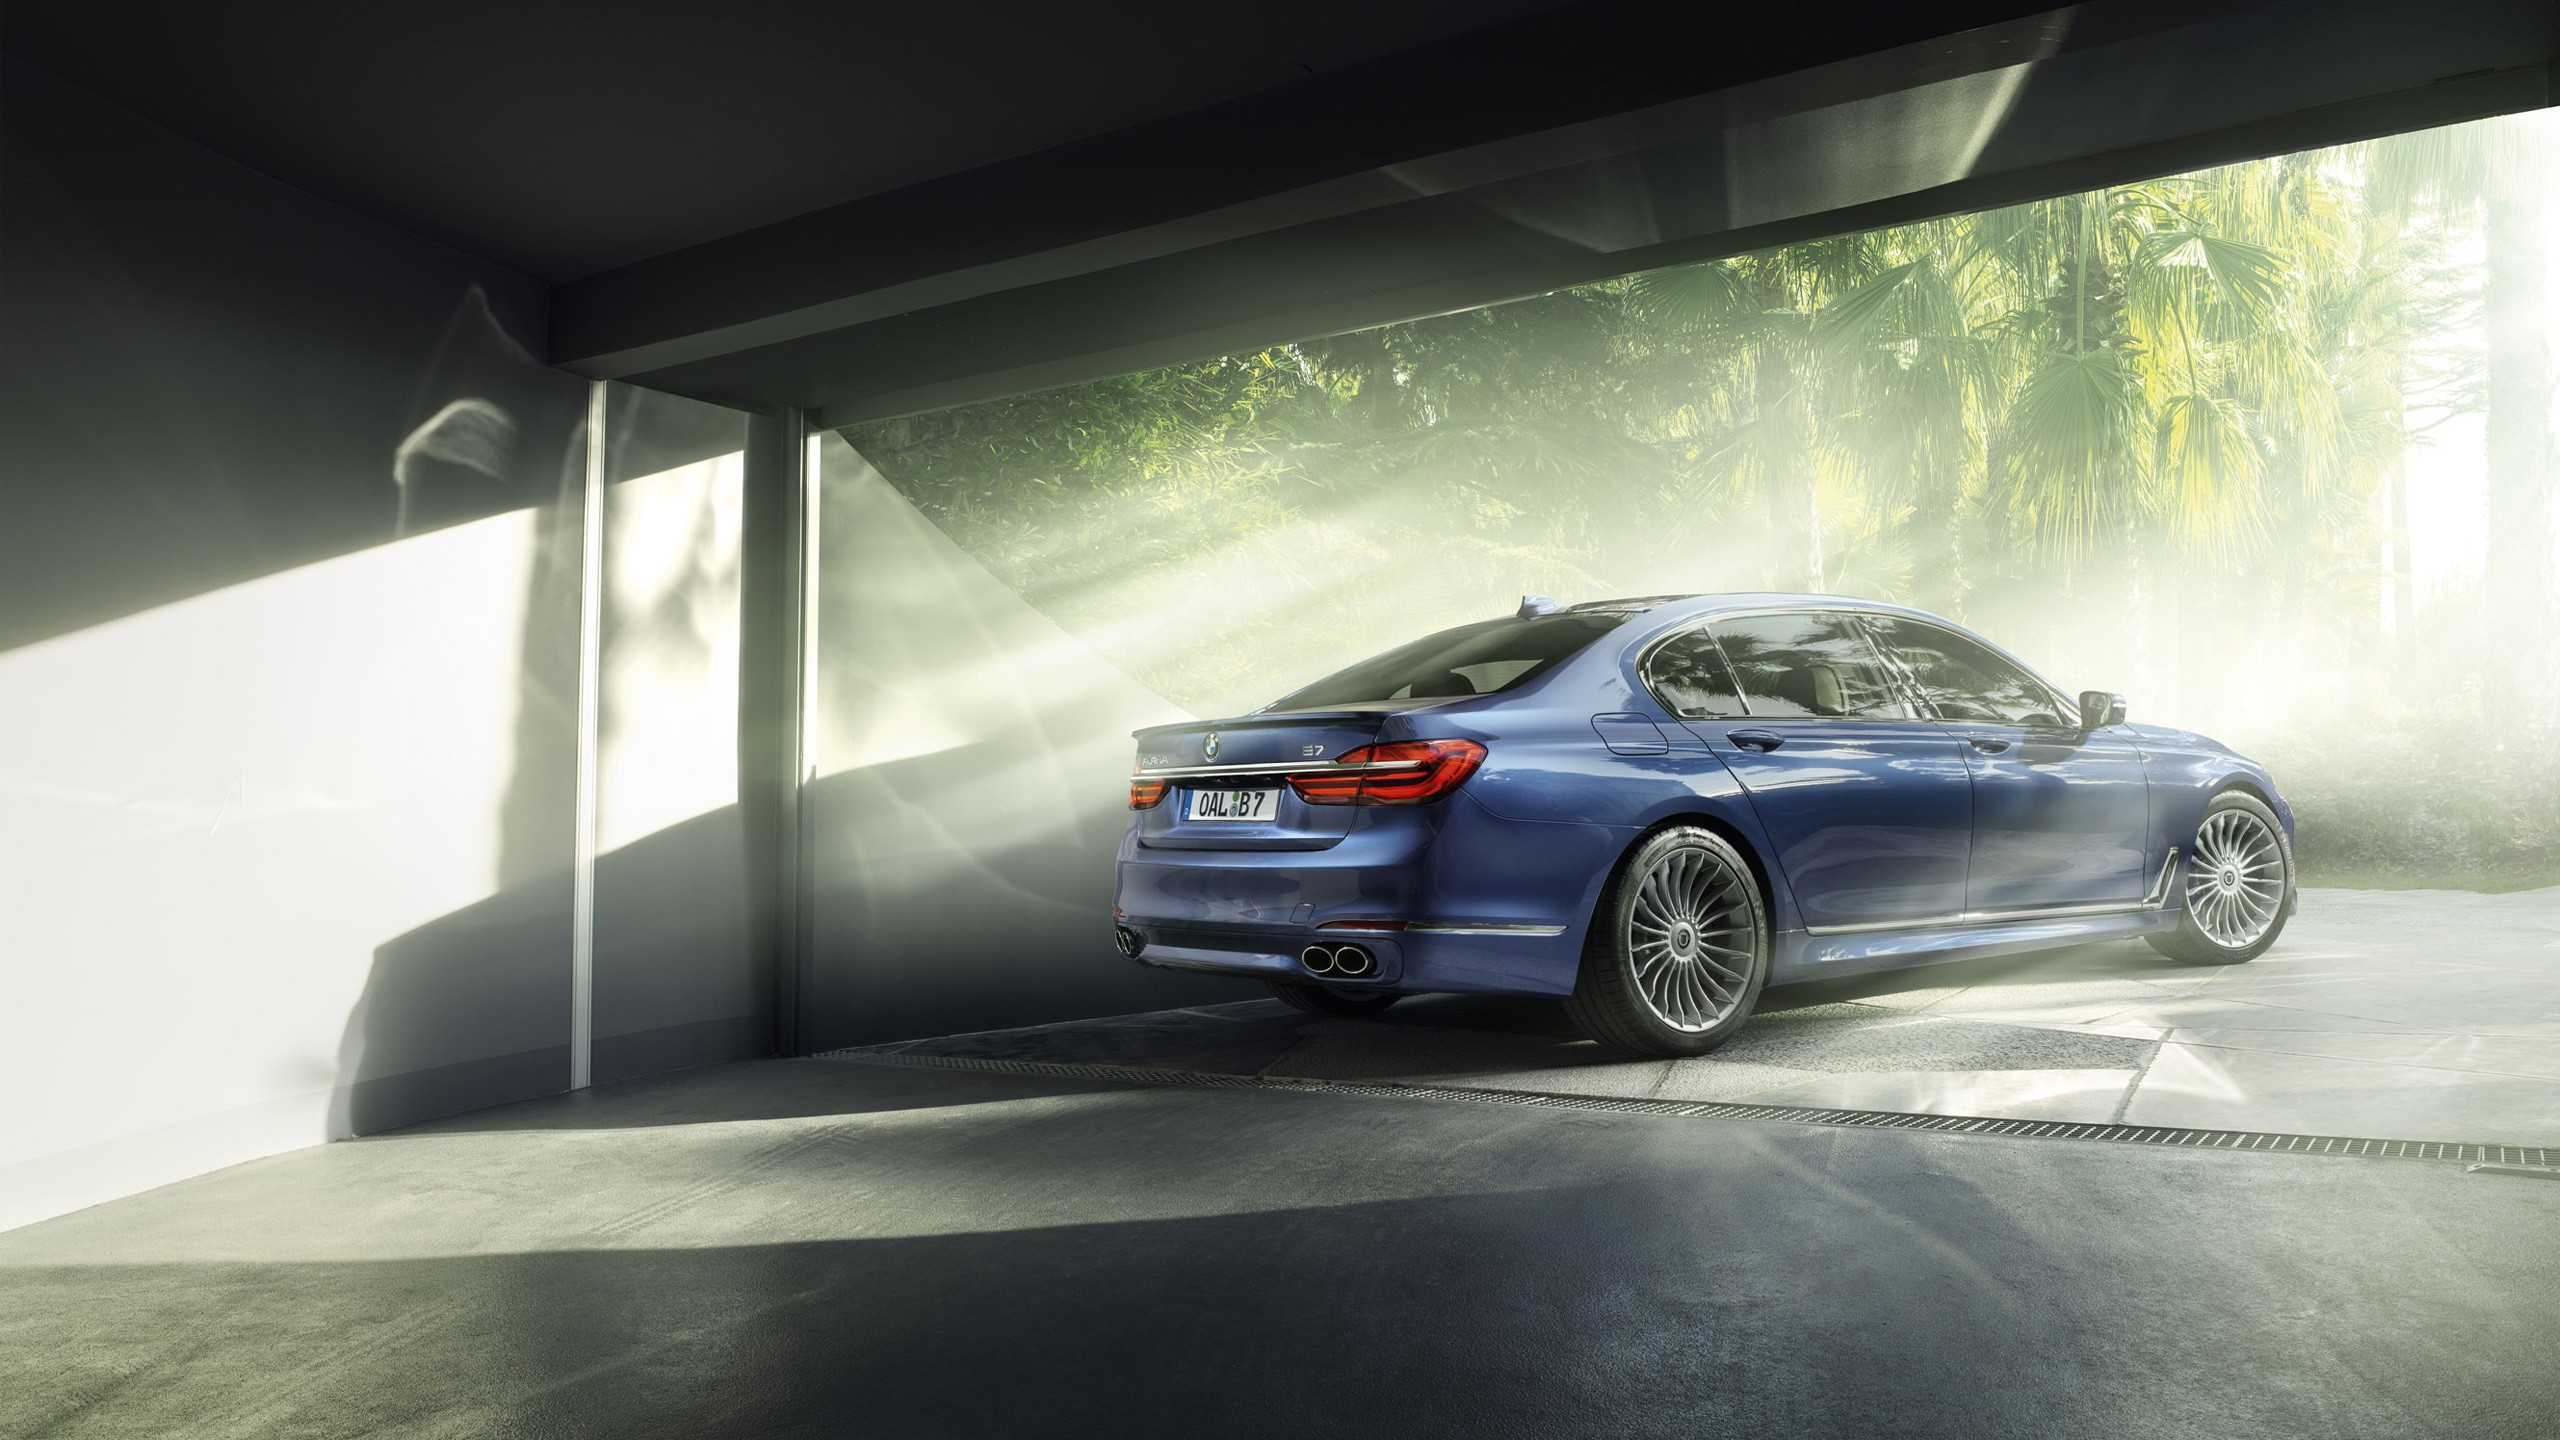 BMW Alpina B6 >> 2016 BMW Alpina B7 xDrive 2 Wallpaper | HD Car Wallpapers | ID #6159